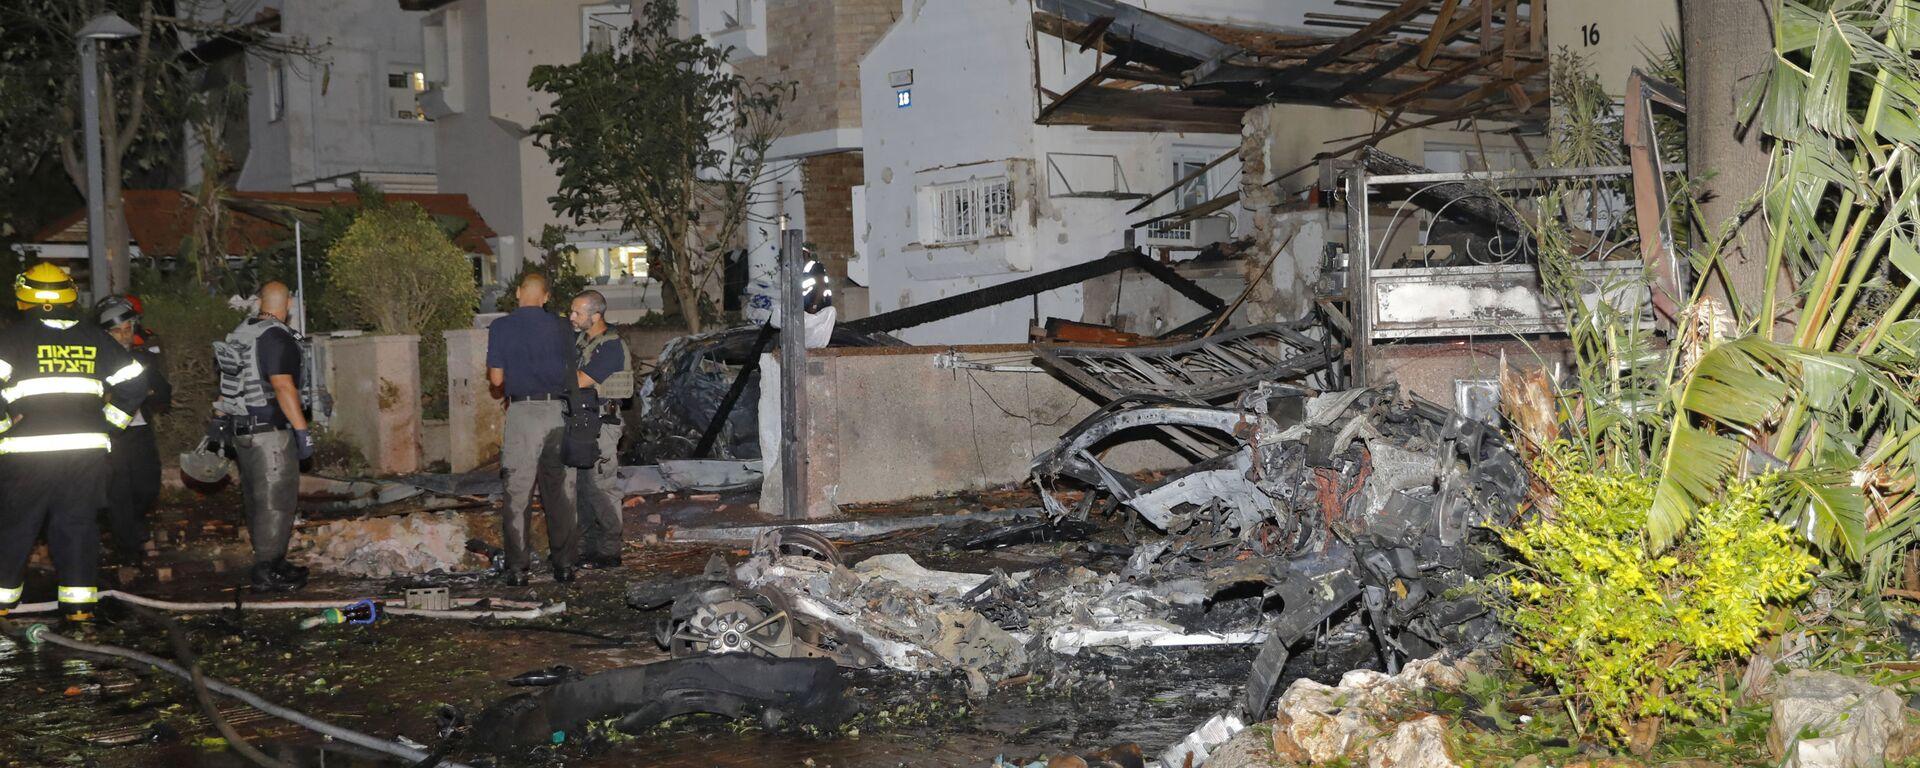 Члены израильской аварийной службы осматривают повреждения в израильском городе Ришон-ле-Цион - Sputnik Mundo, 1920, 16.05.2021